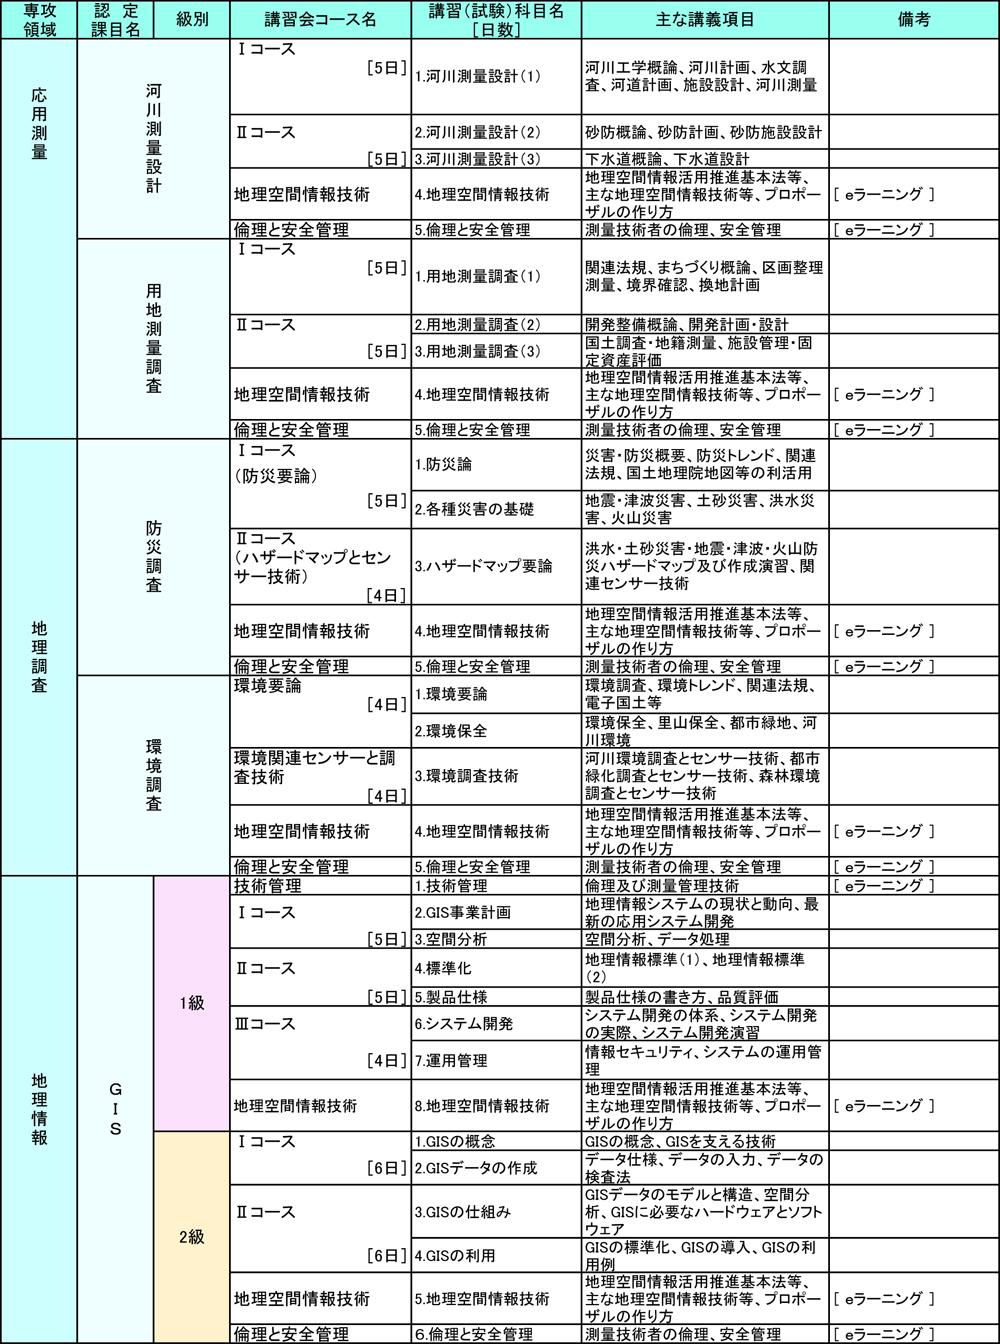 公益社団法人日本測量協会 地理空間情報専門技術認定について